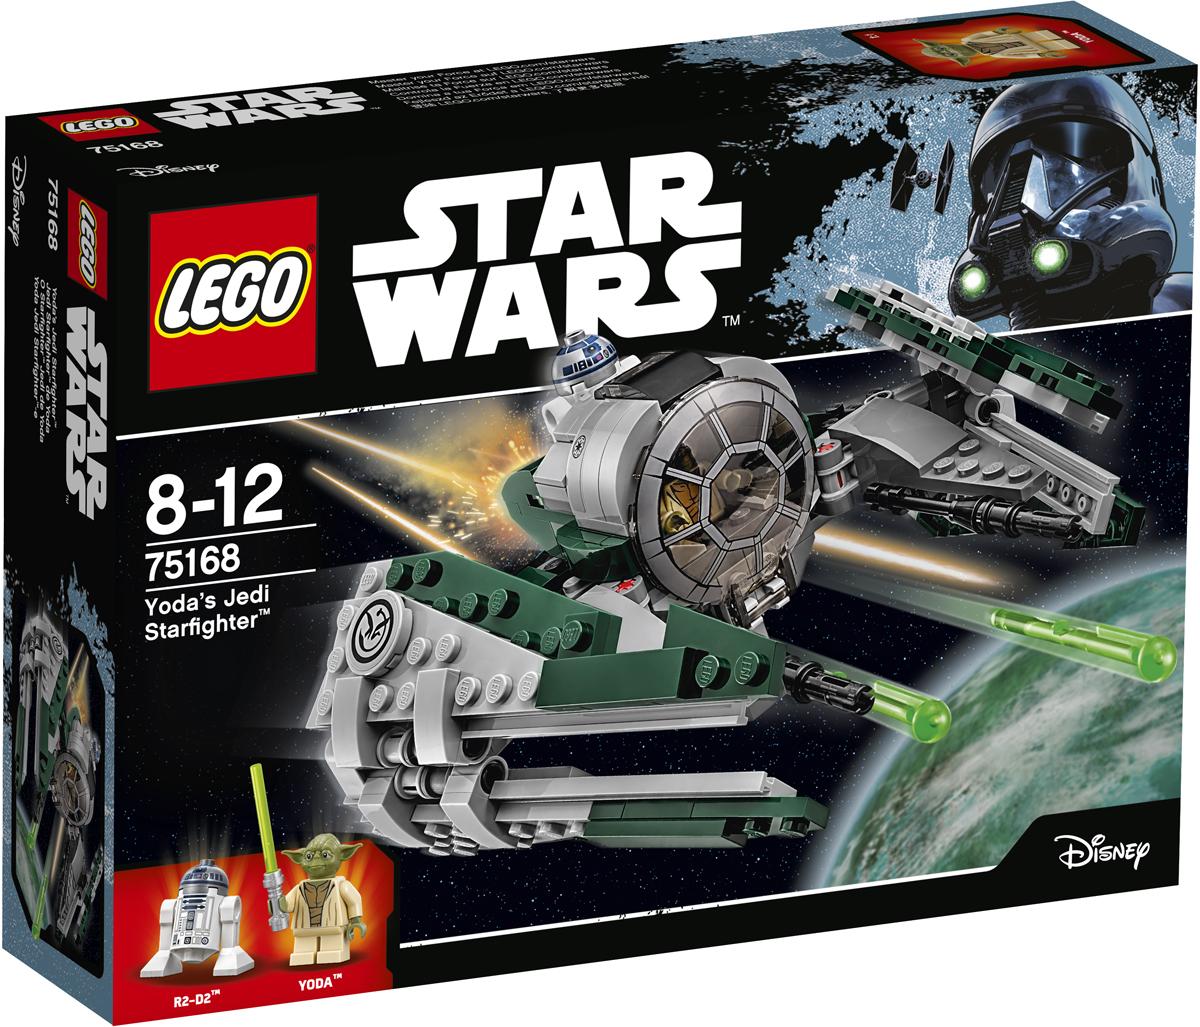 LEGO Star Wars Конструктор Звездный истребитель Йоды 75168 lego star wars конструктор истребитель по